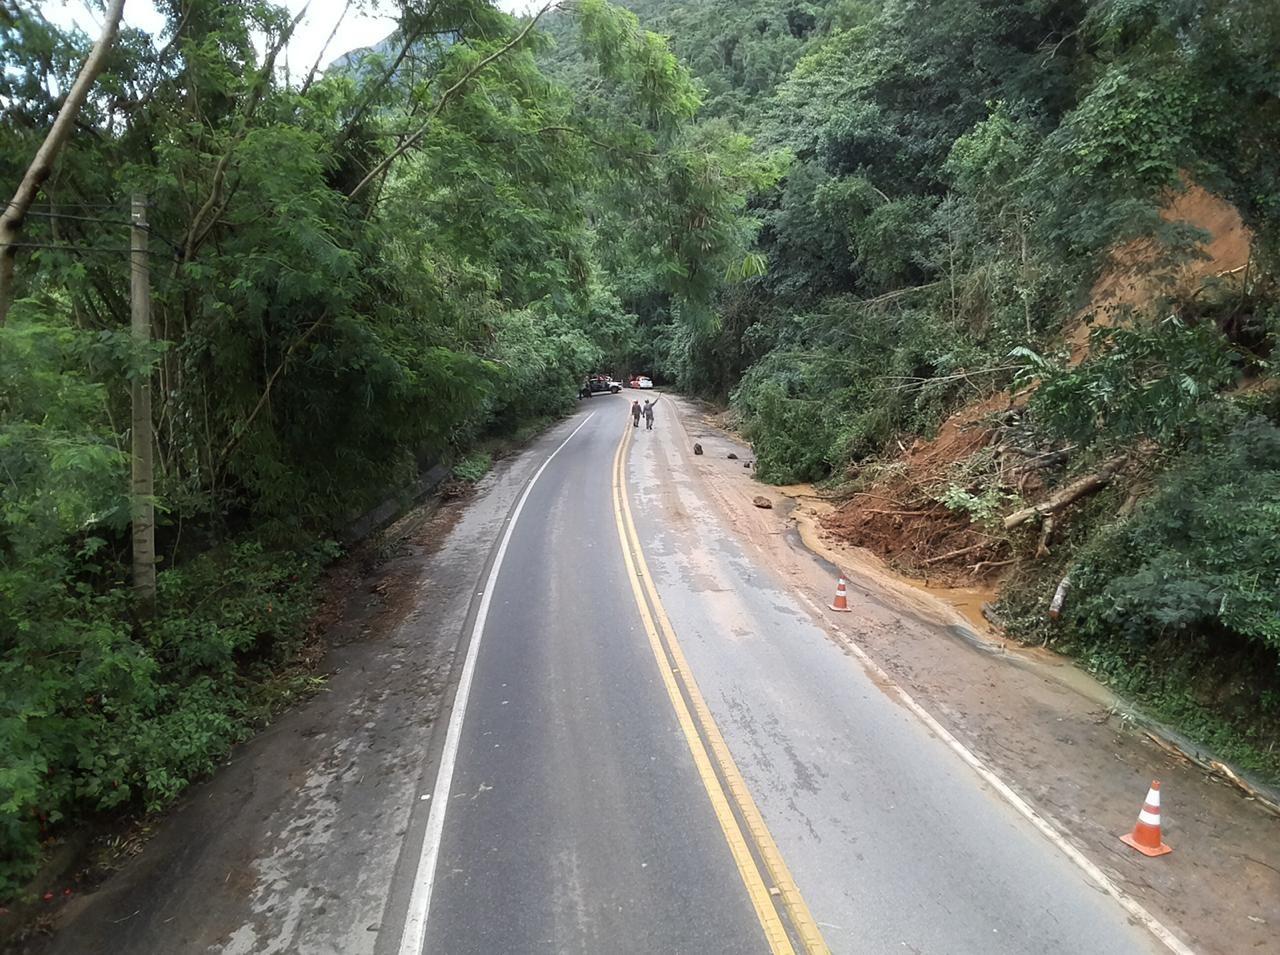 Técnicos inspecionam encosta na Rio-Santos em São Sebastião, SP - Noticias